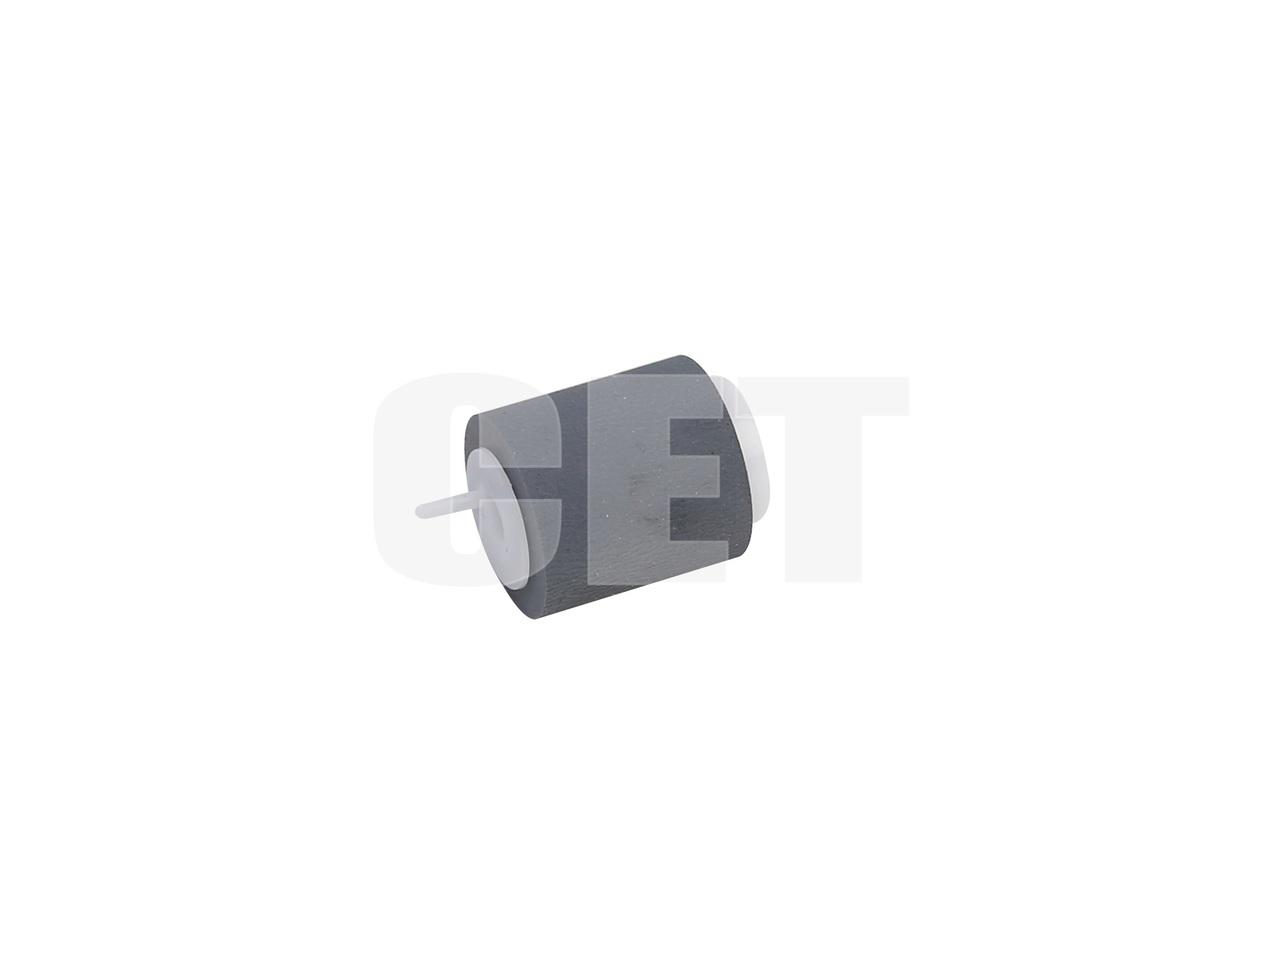 Ролик подачи/отделения 3/4-го лотка NROLR1466FCZ2 дляSHARP MX-M754N/6508 (CET), CET341045